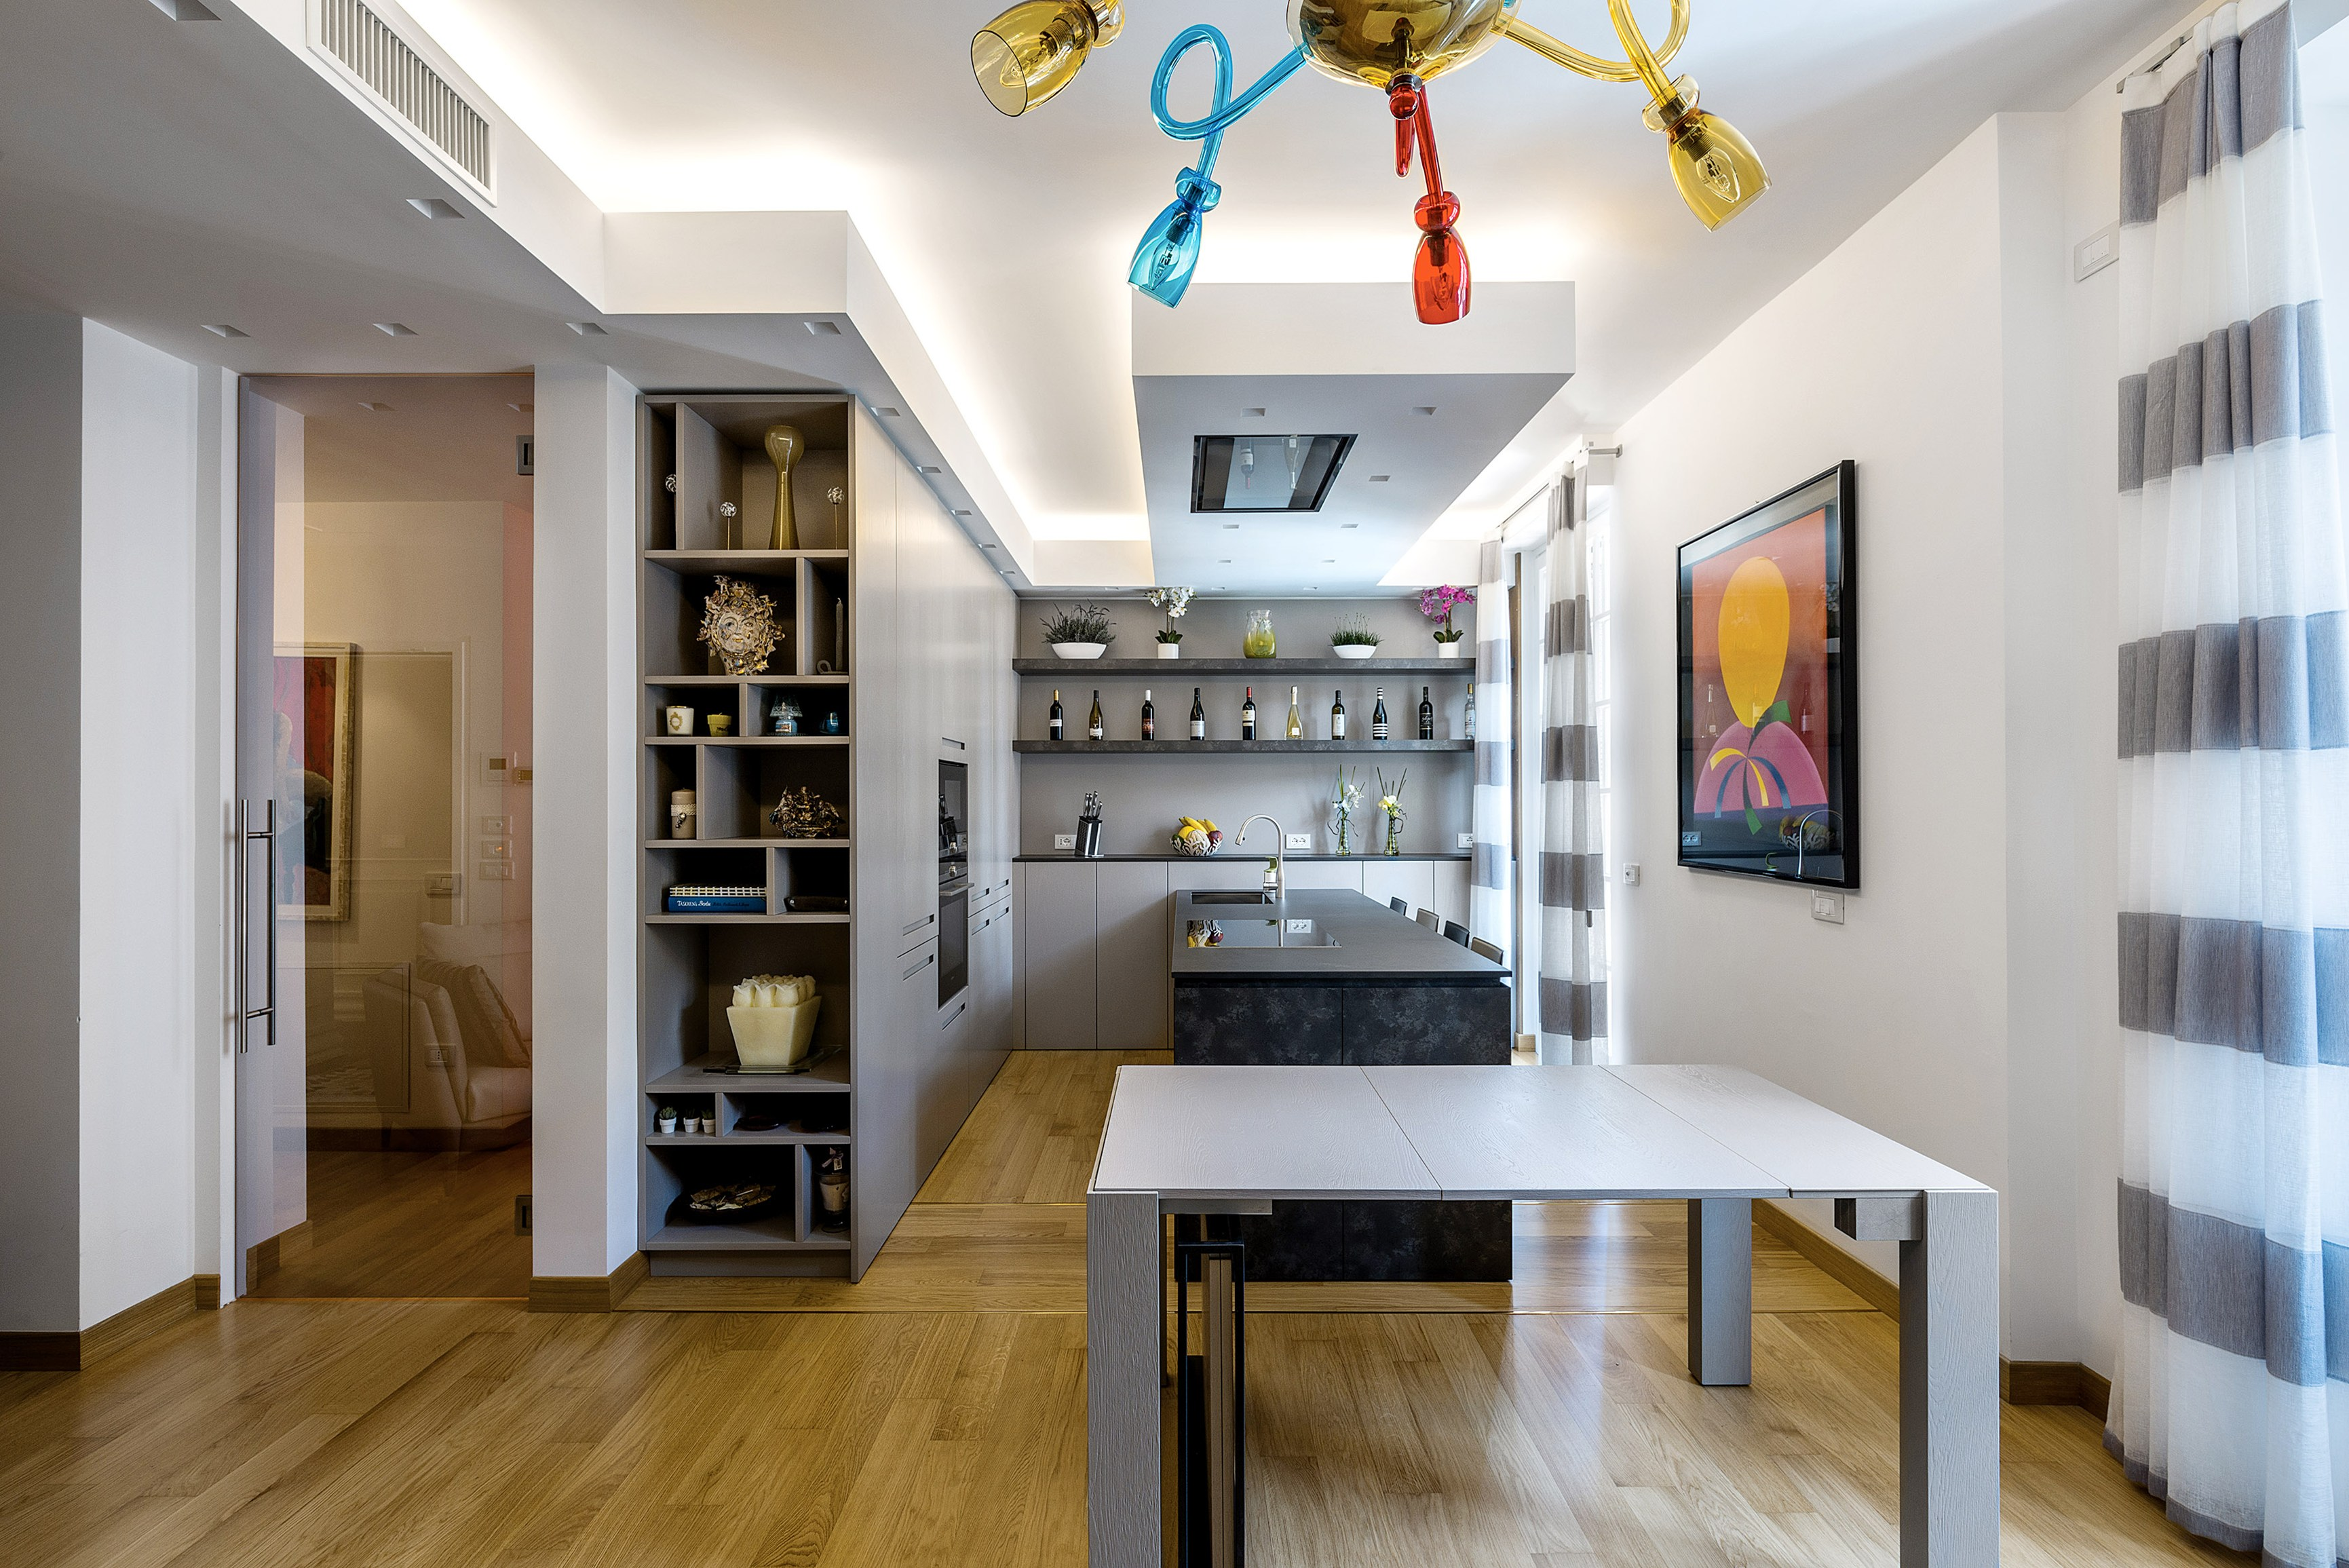 Cucina Moderna Rovere Grigio. Perfect Cucina Moderna Rovere ...